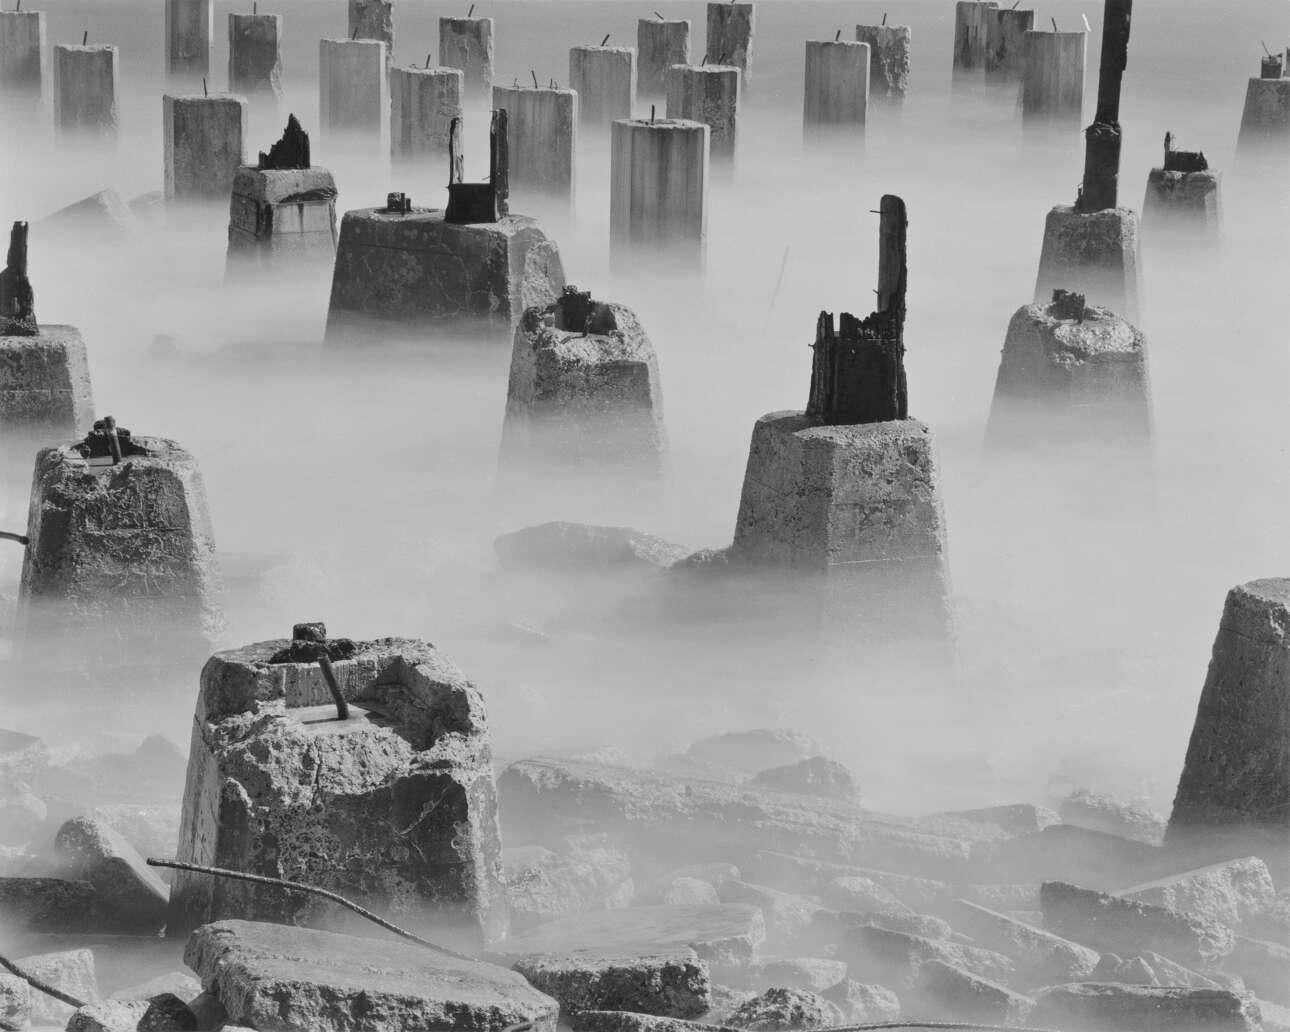 «Οι πυλώνες», 1958. «Η φωτογραφία μου είναι ο καλύτερος τρόπος που ξέρω για να με φέρει πιο κοντά σε μερικά από τα μυστήρια της ύπαρξης. Το να δημιουργήσω μια καλή εικόνα είναι μέρος της αναζήτησης μου»